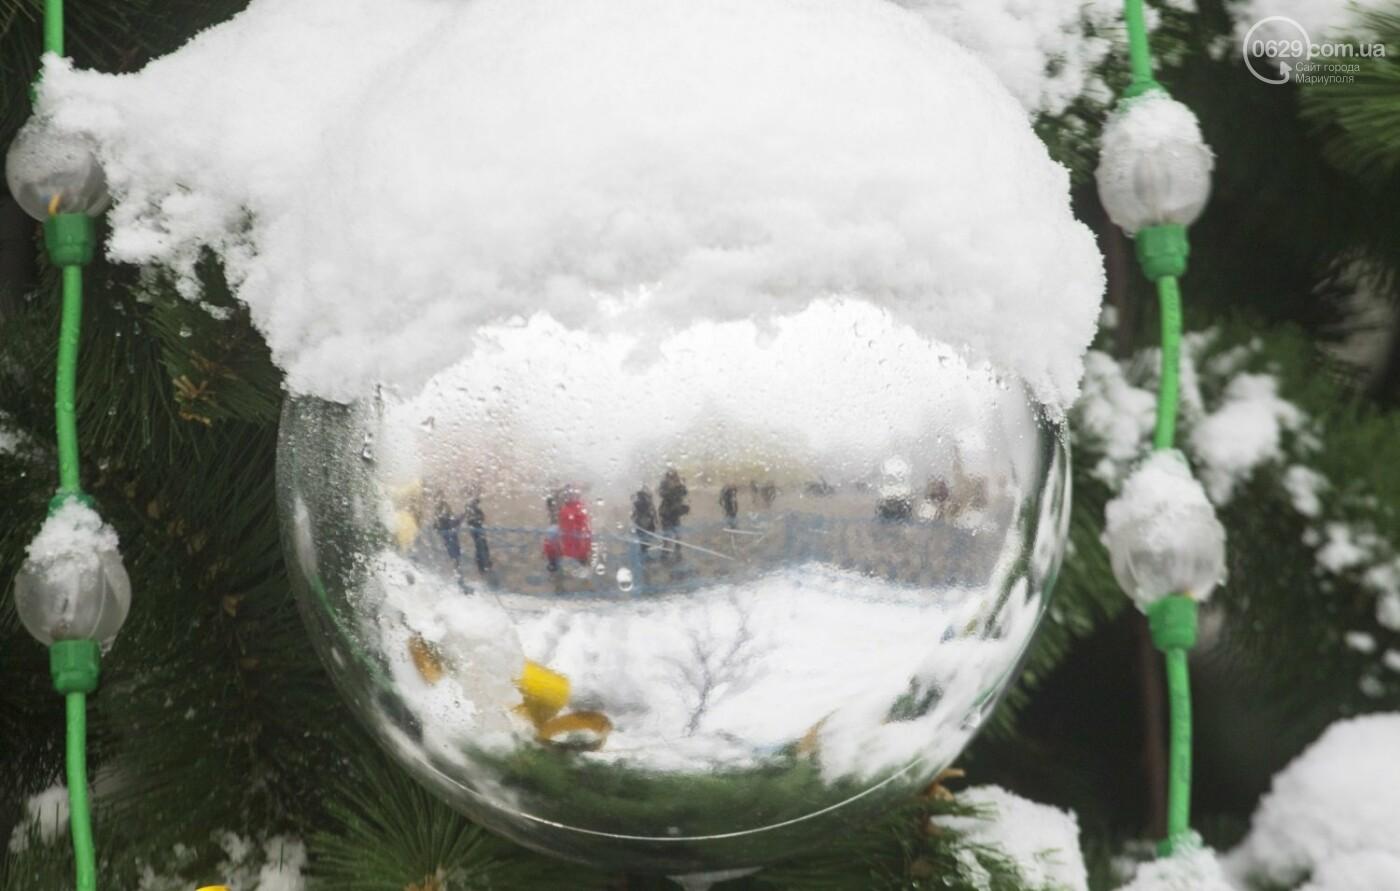 38 фотографий, одна ворона и одна синица... ФОТОРЕПОРТАЖ для тех, кто проспал первый настоящий снег, фото-16